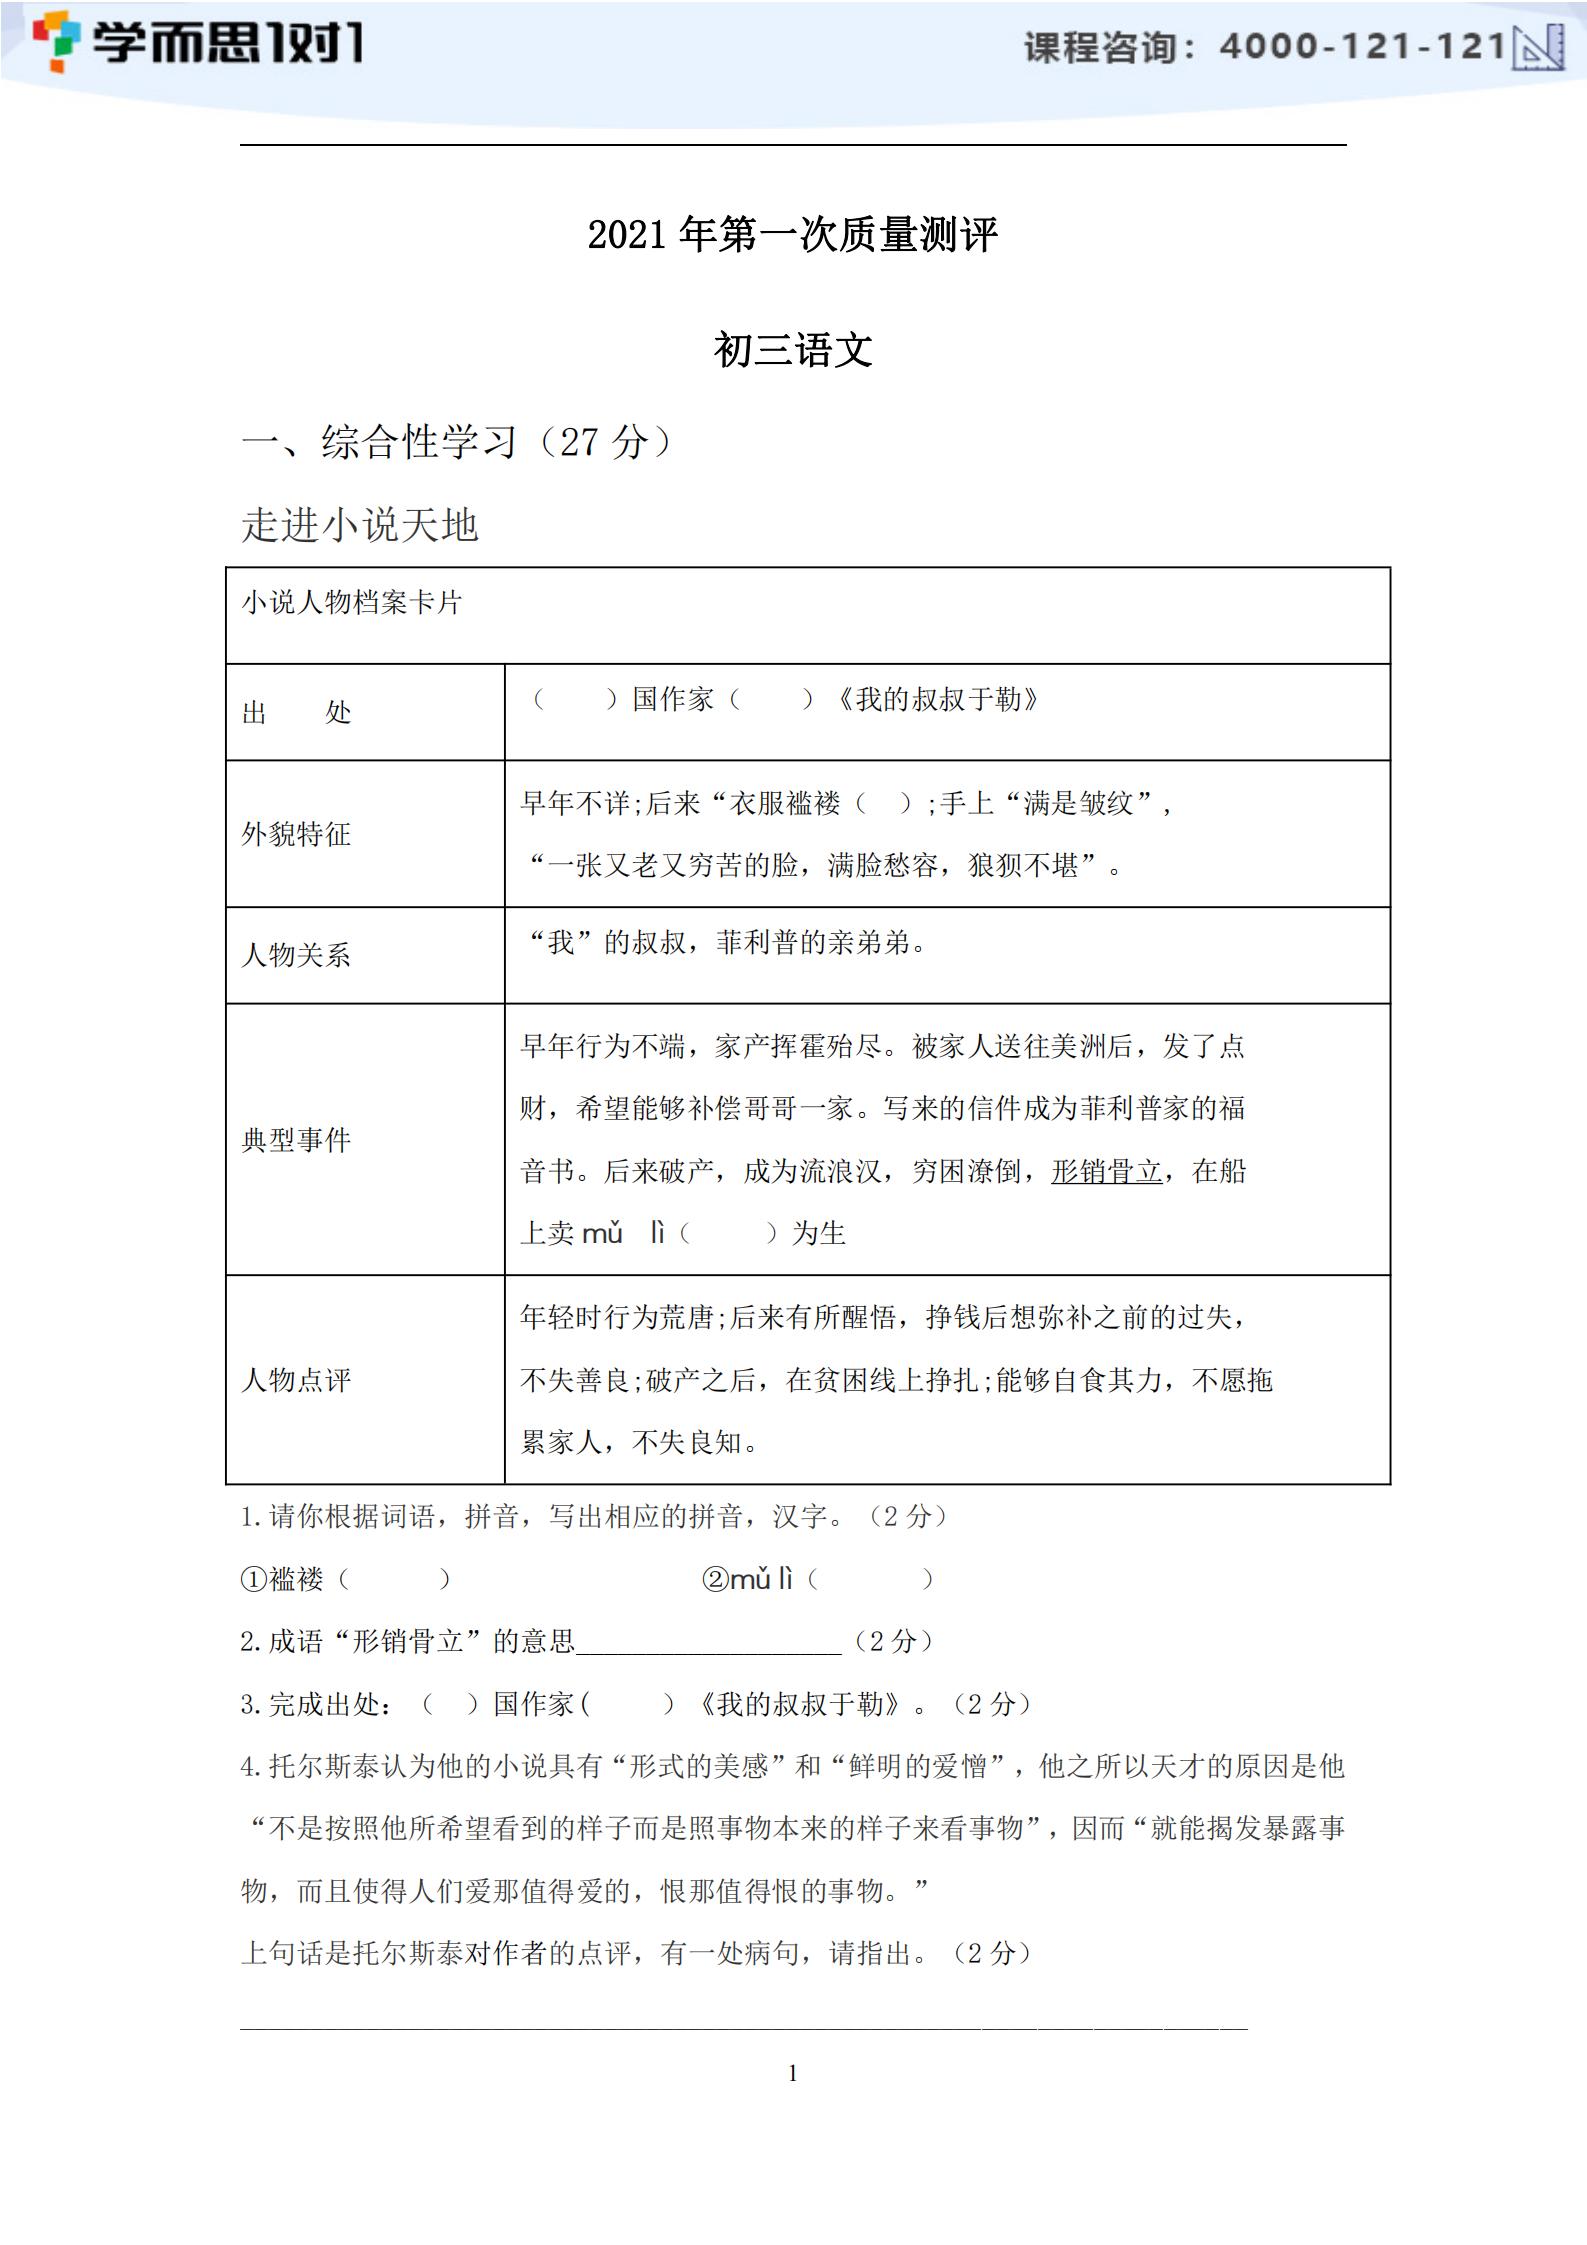 2020-2021学年深圳23校联考初三下册开学考语文试题及答案